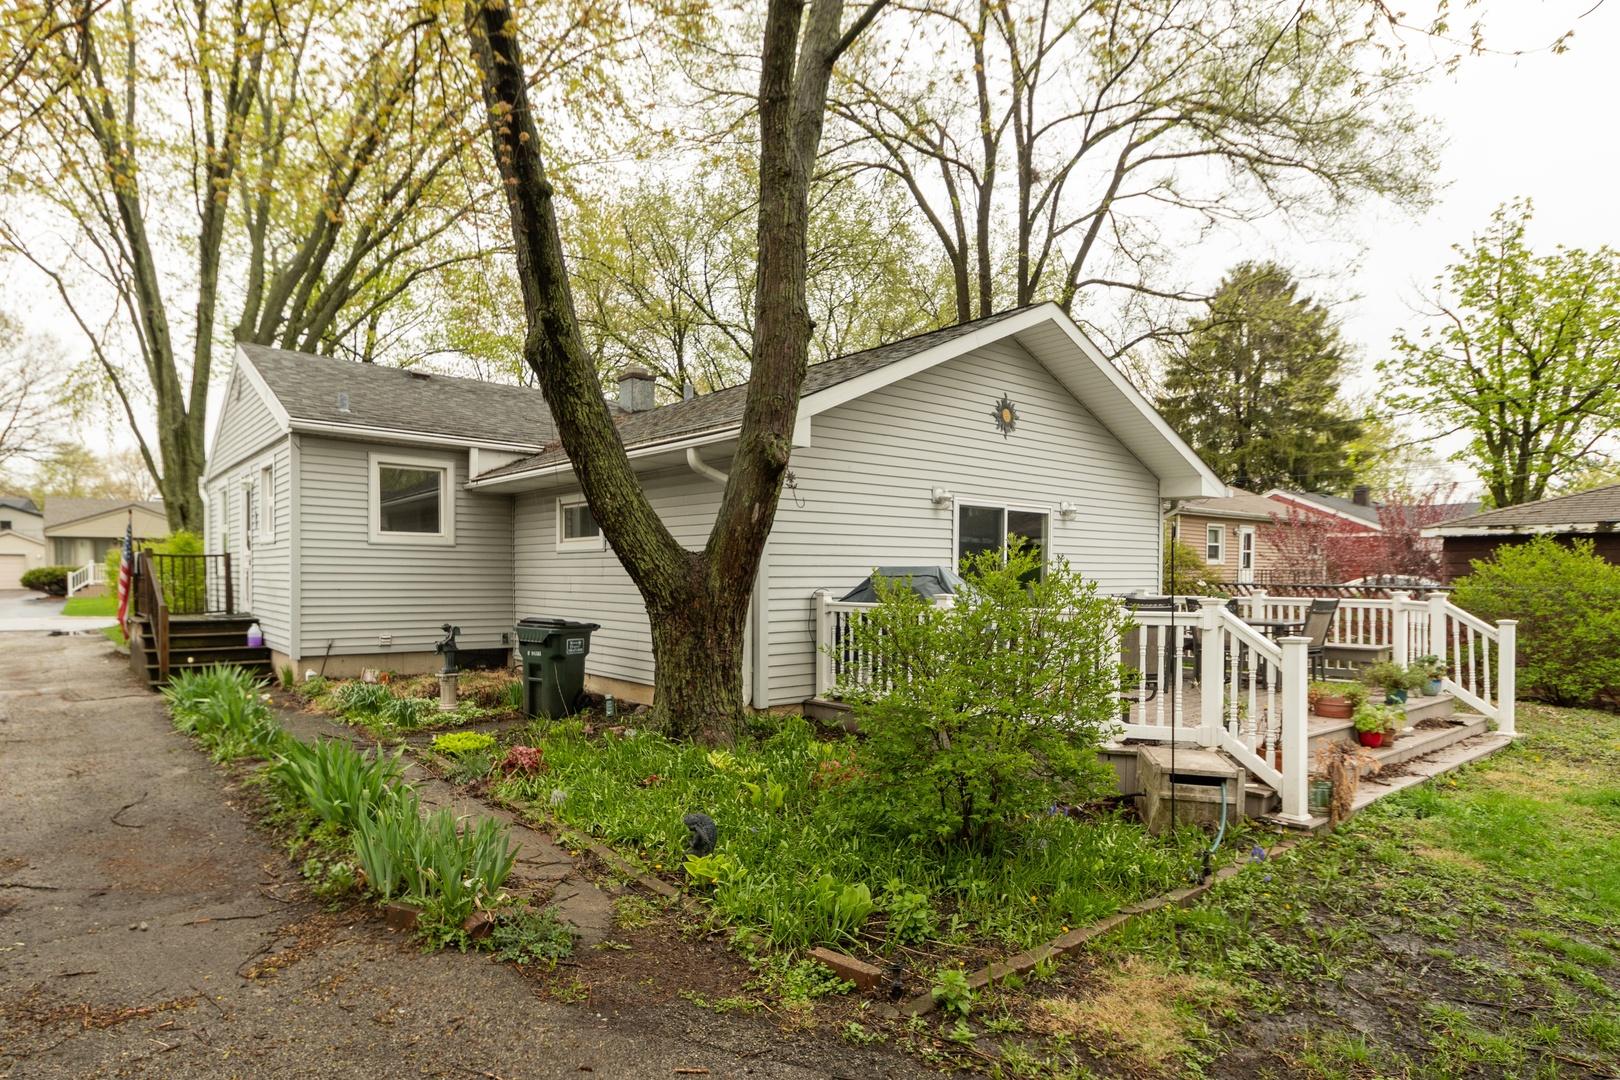 6649 Maple Lane, TINLEY PARK, Illinois, 60477